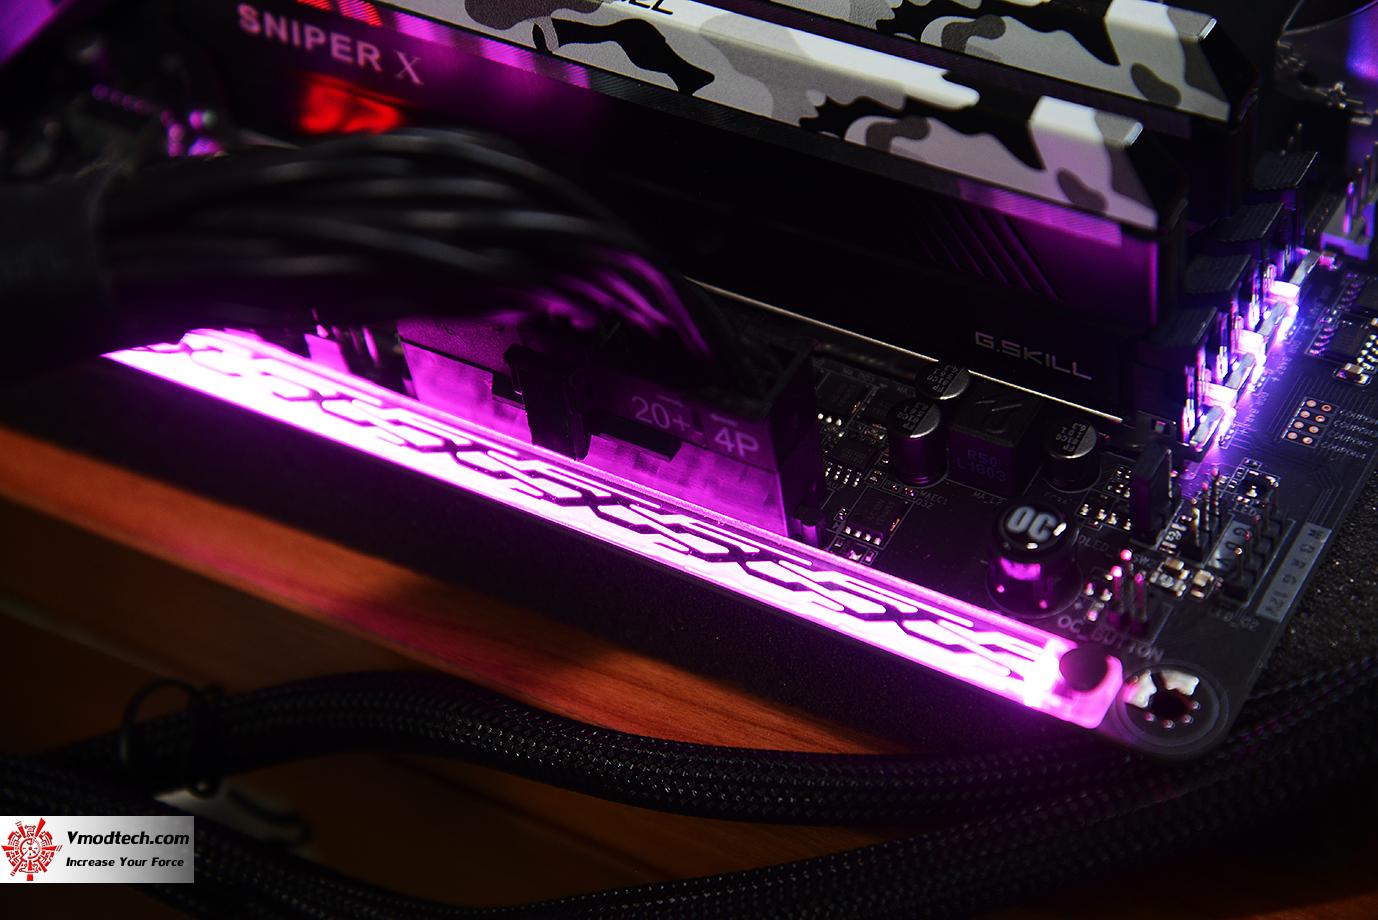 dsc 1575 AMD RYZEN 7 2700X PROCESSOR REVIEW